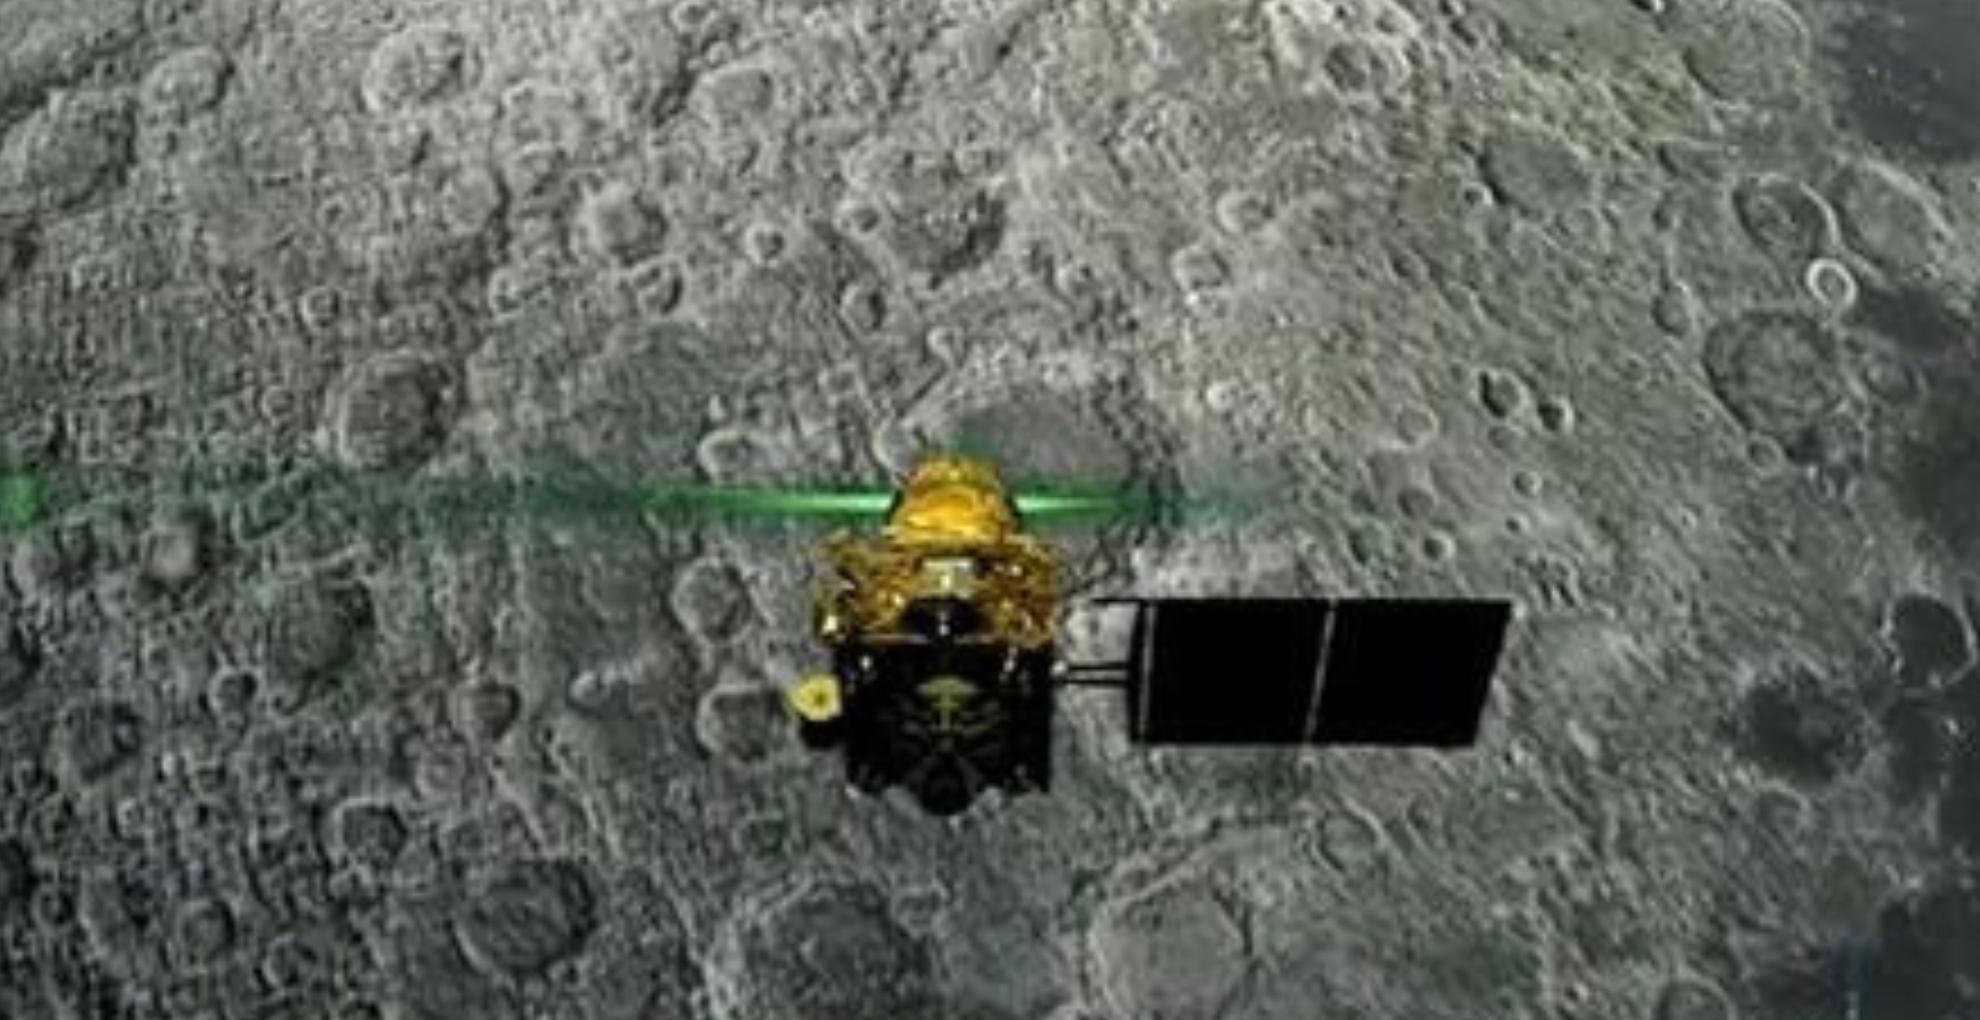 चांद पर लैंडिंग से पहले ही उलझे विक्रम के कदम, संपर्क टूटा, वैज्ञानिक मायूस, लेकिन पीएम मोदी ने कही ये बात